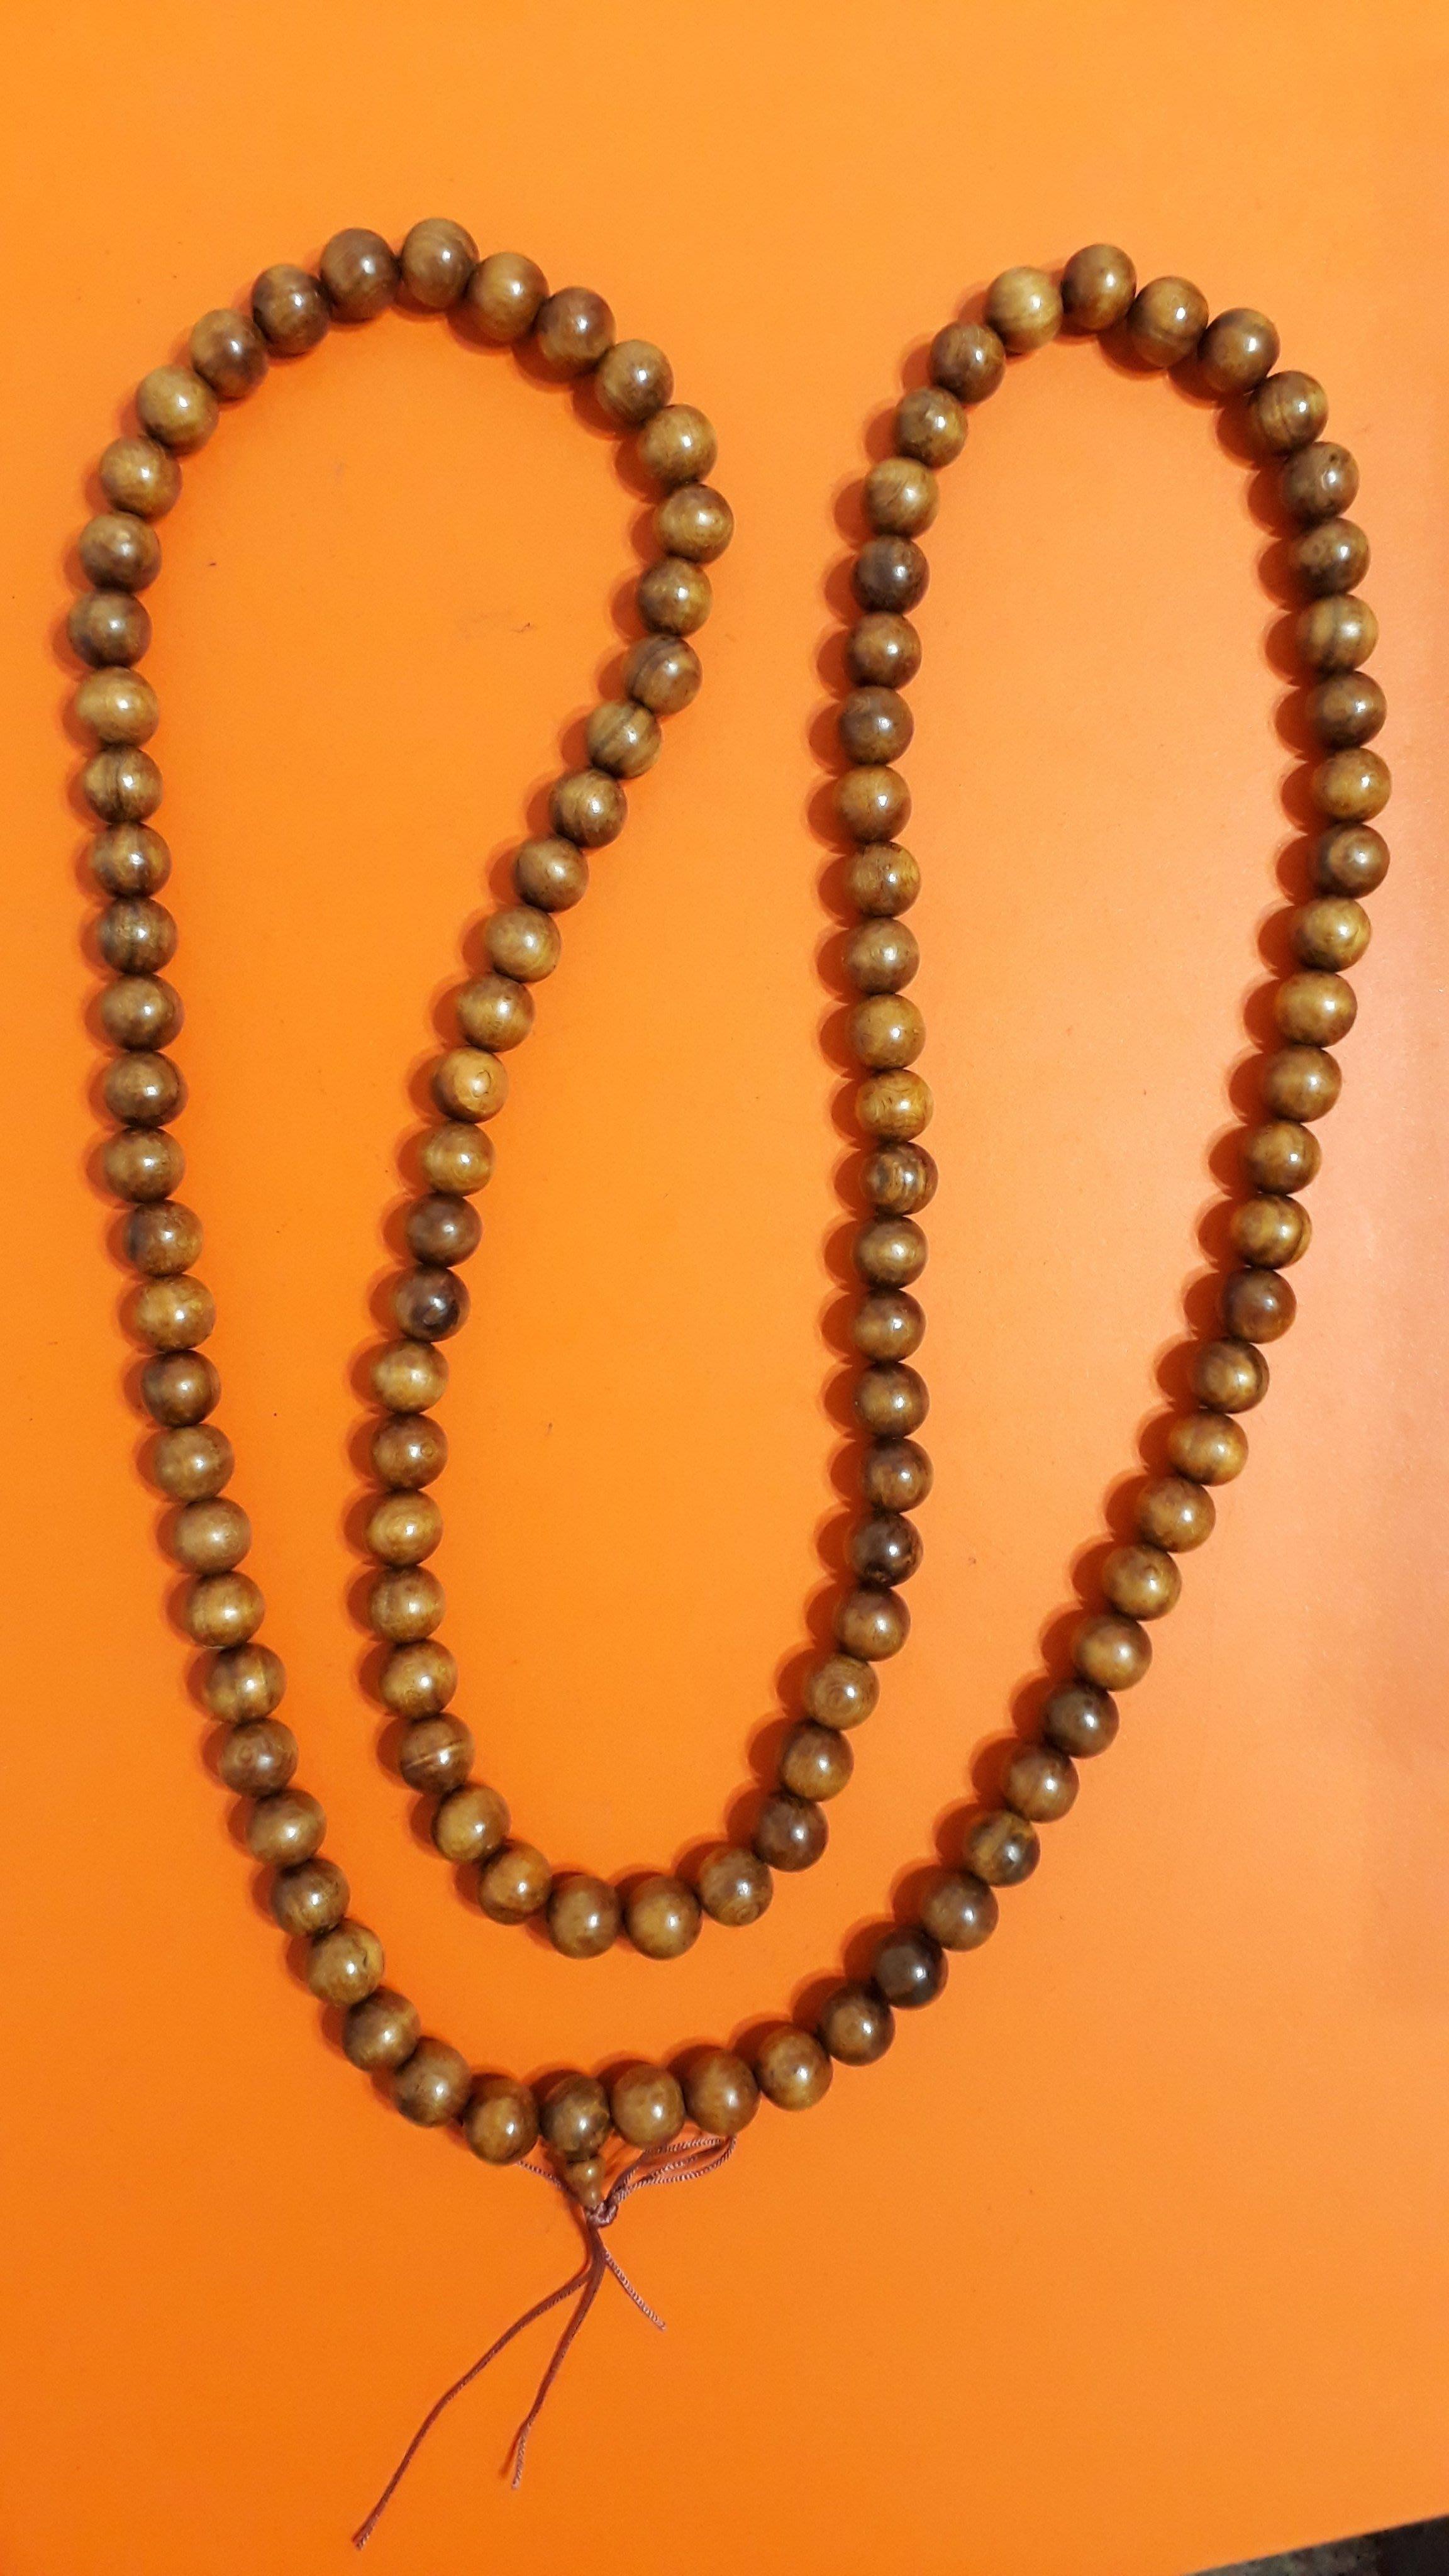 【九龍藝品】肖楠108顆佛珠 ~ 手珠約16mm,重量約237公克 【3】競標